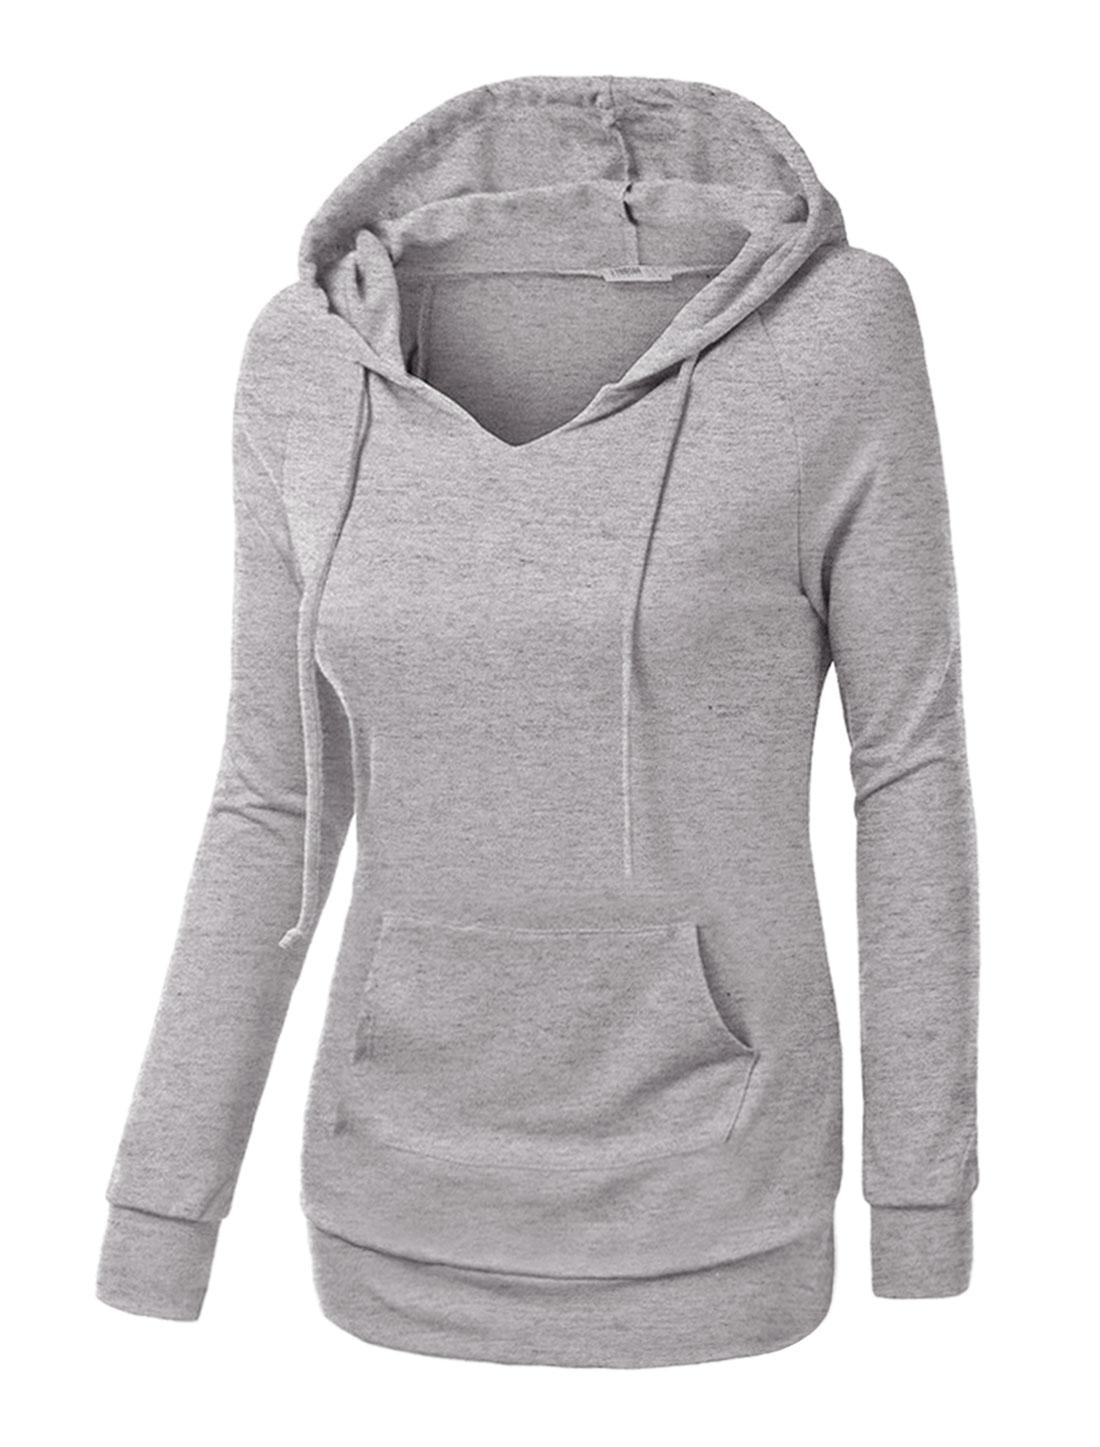 Women Raglan Sleeves Kangaroo Pocket Drawstring Tunic Hoodie Gray S